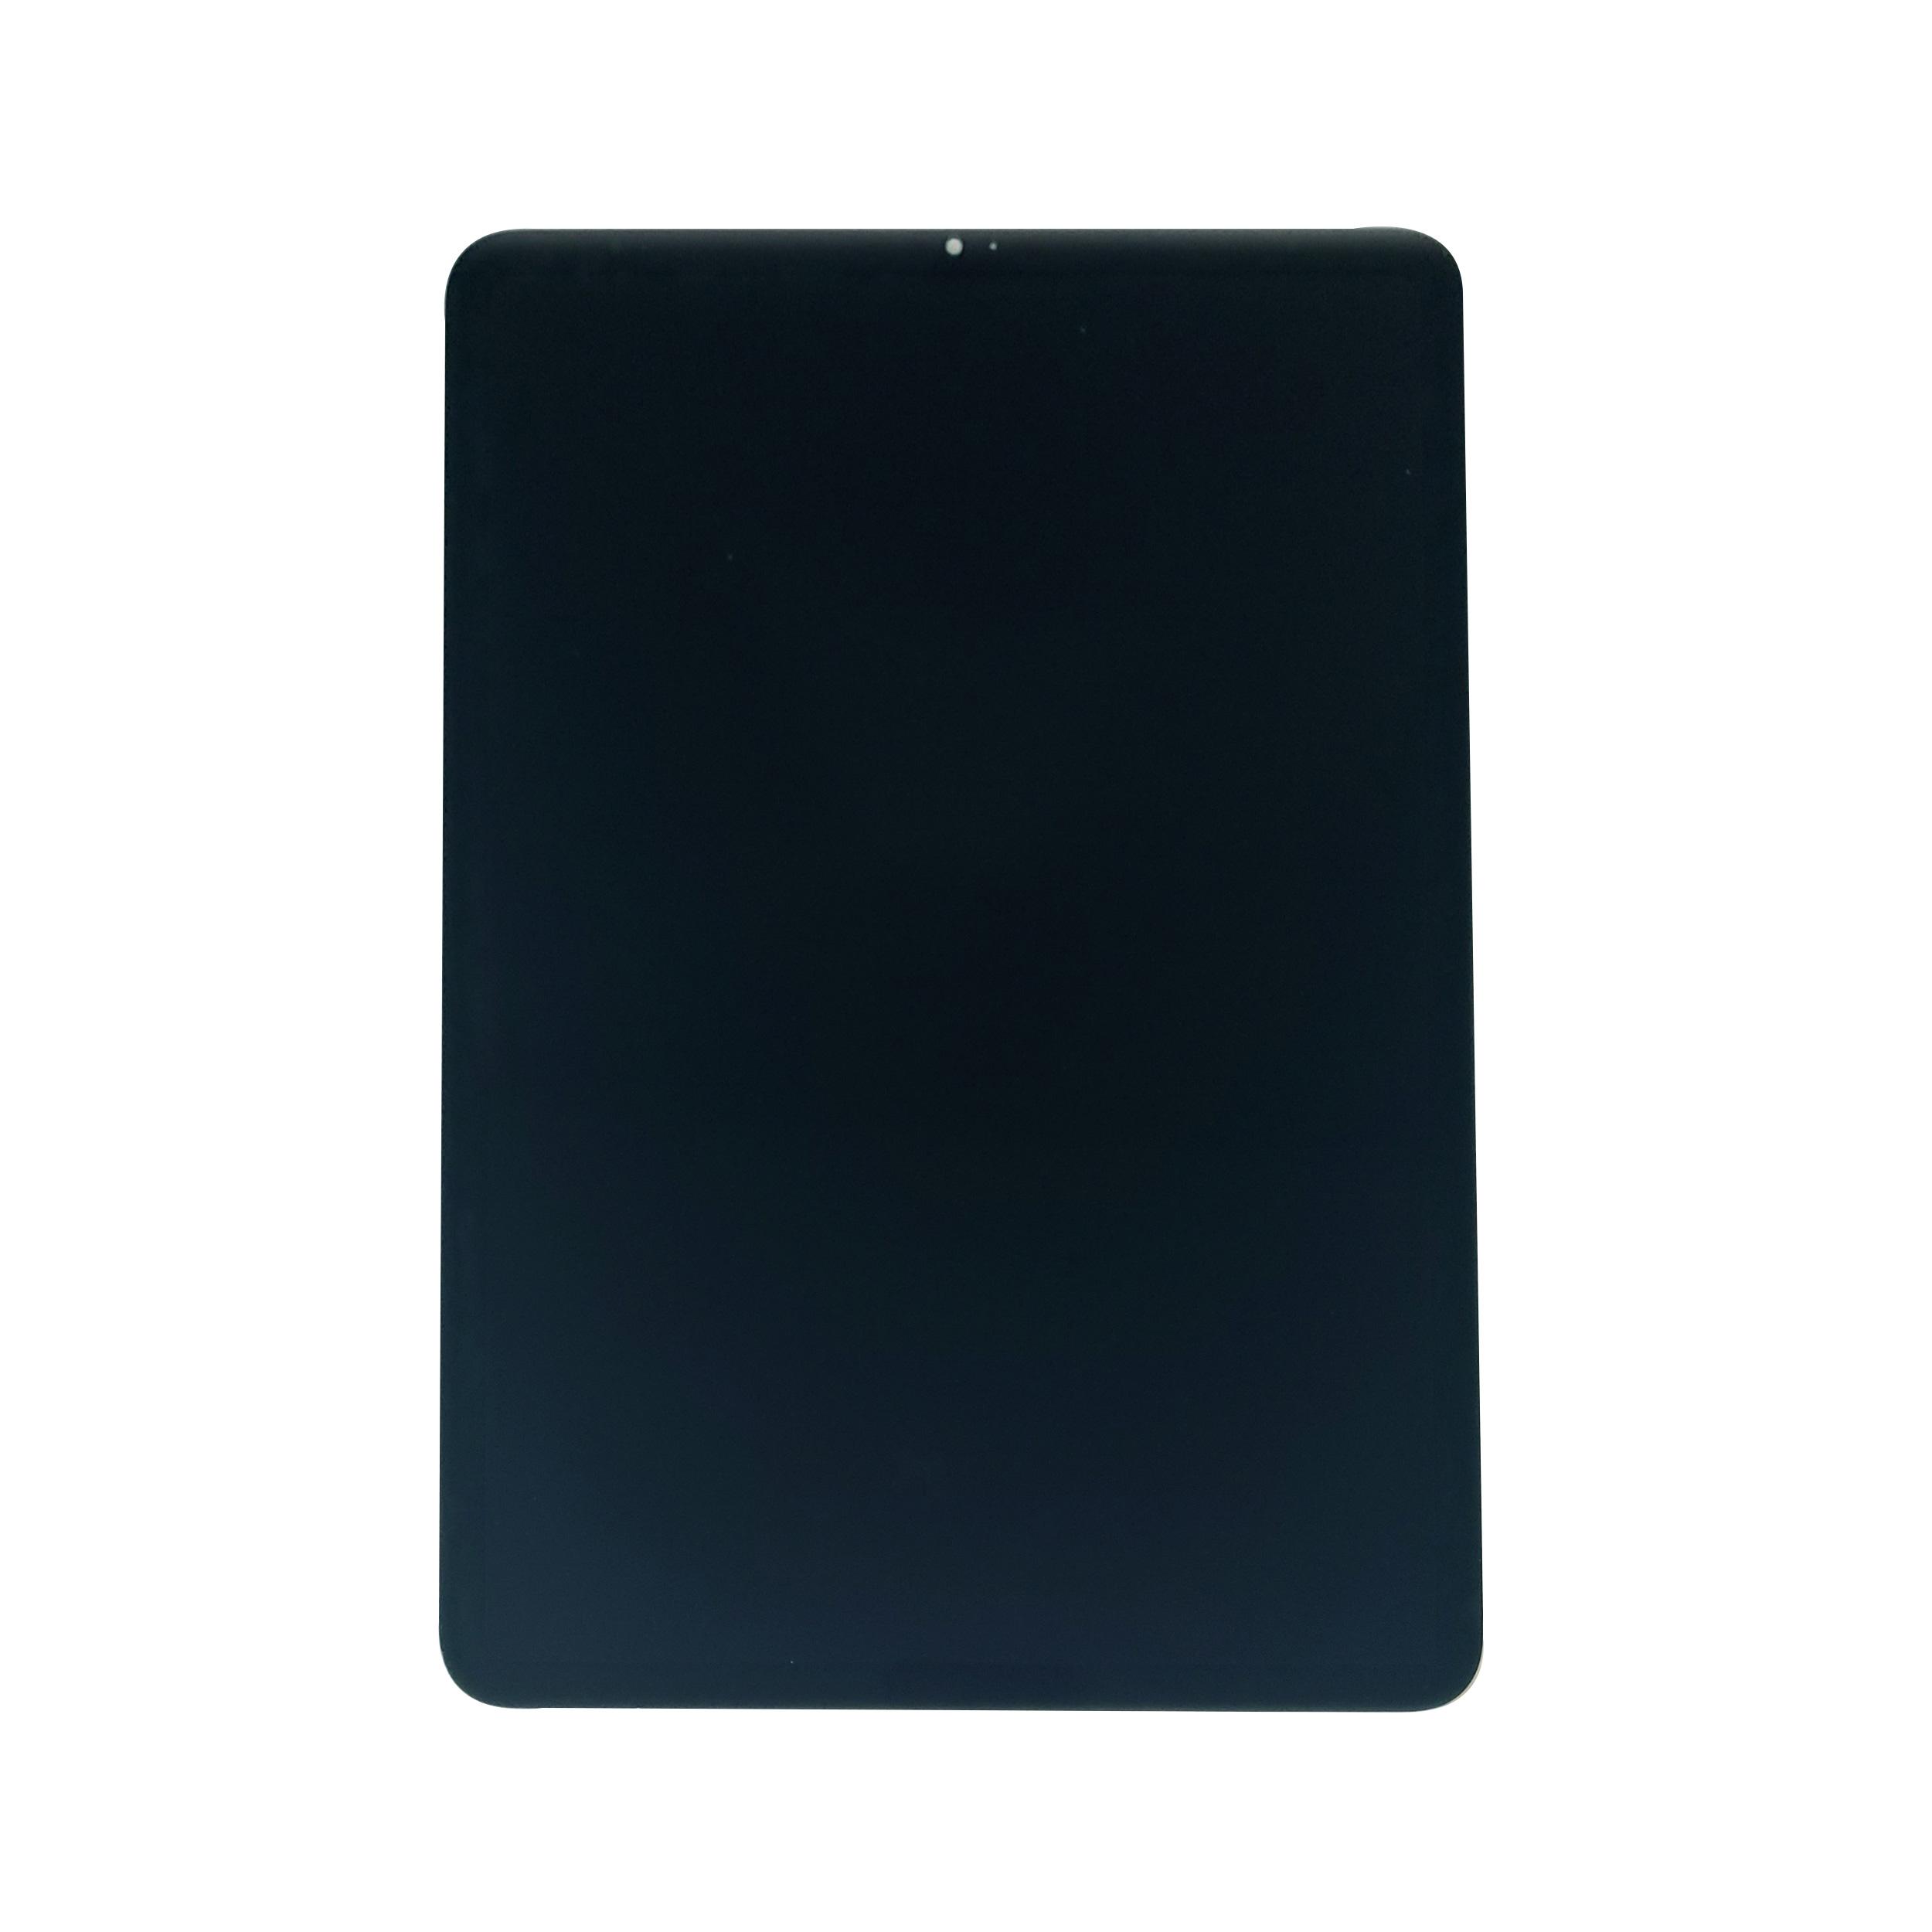 Màn hình full zin máy iPad Pro 11 icnh 2018